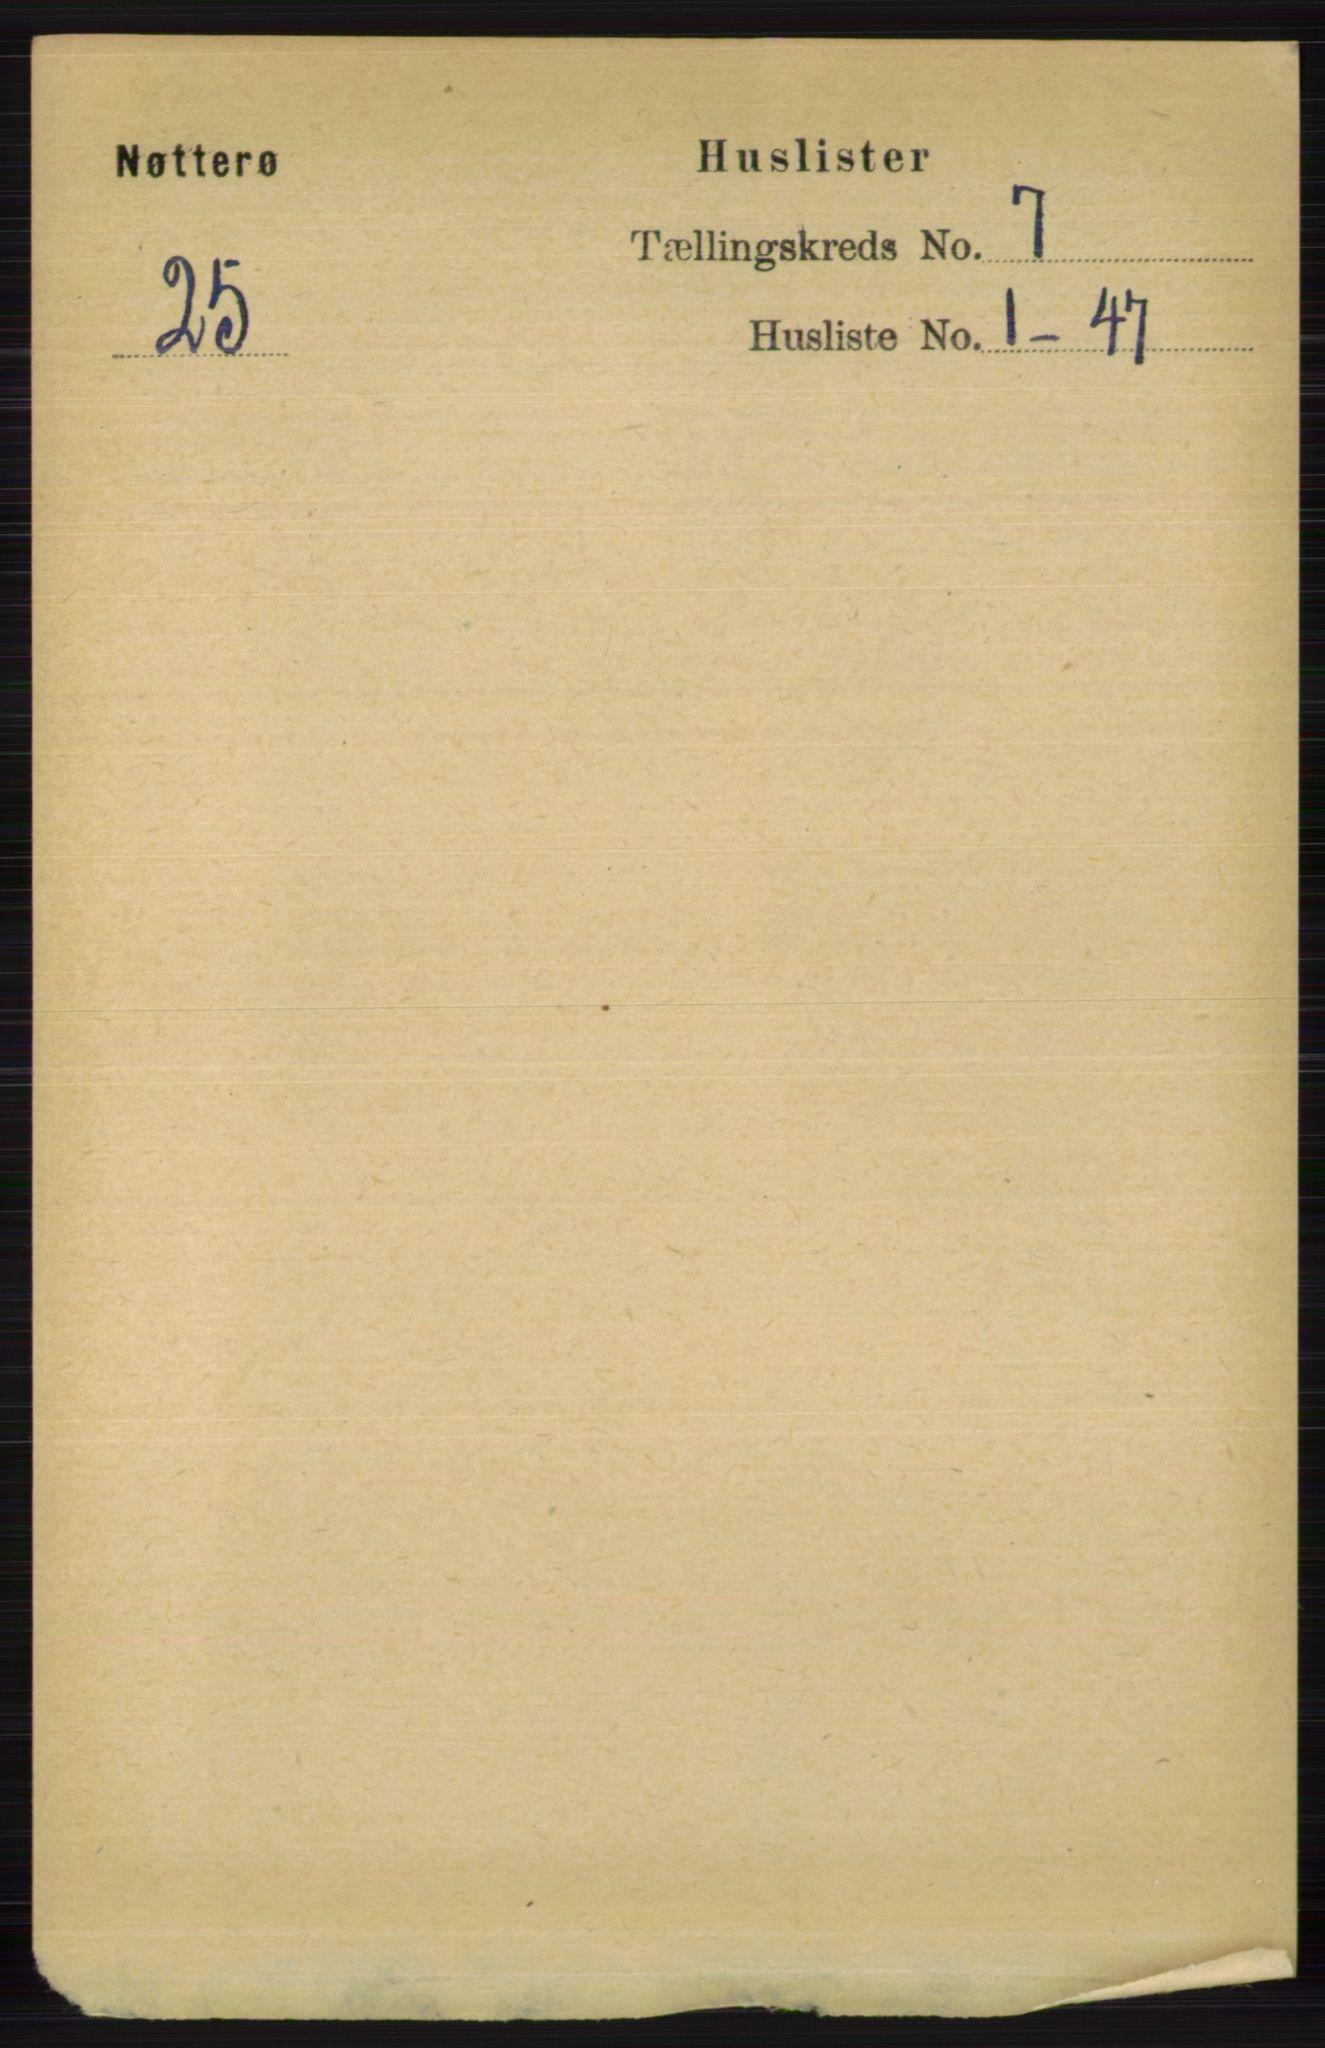 RA, Folketelling 1891 for 0722 Nøtterøy herred, 1891, s. 3421